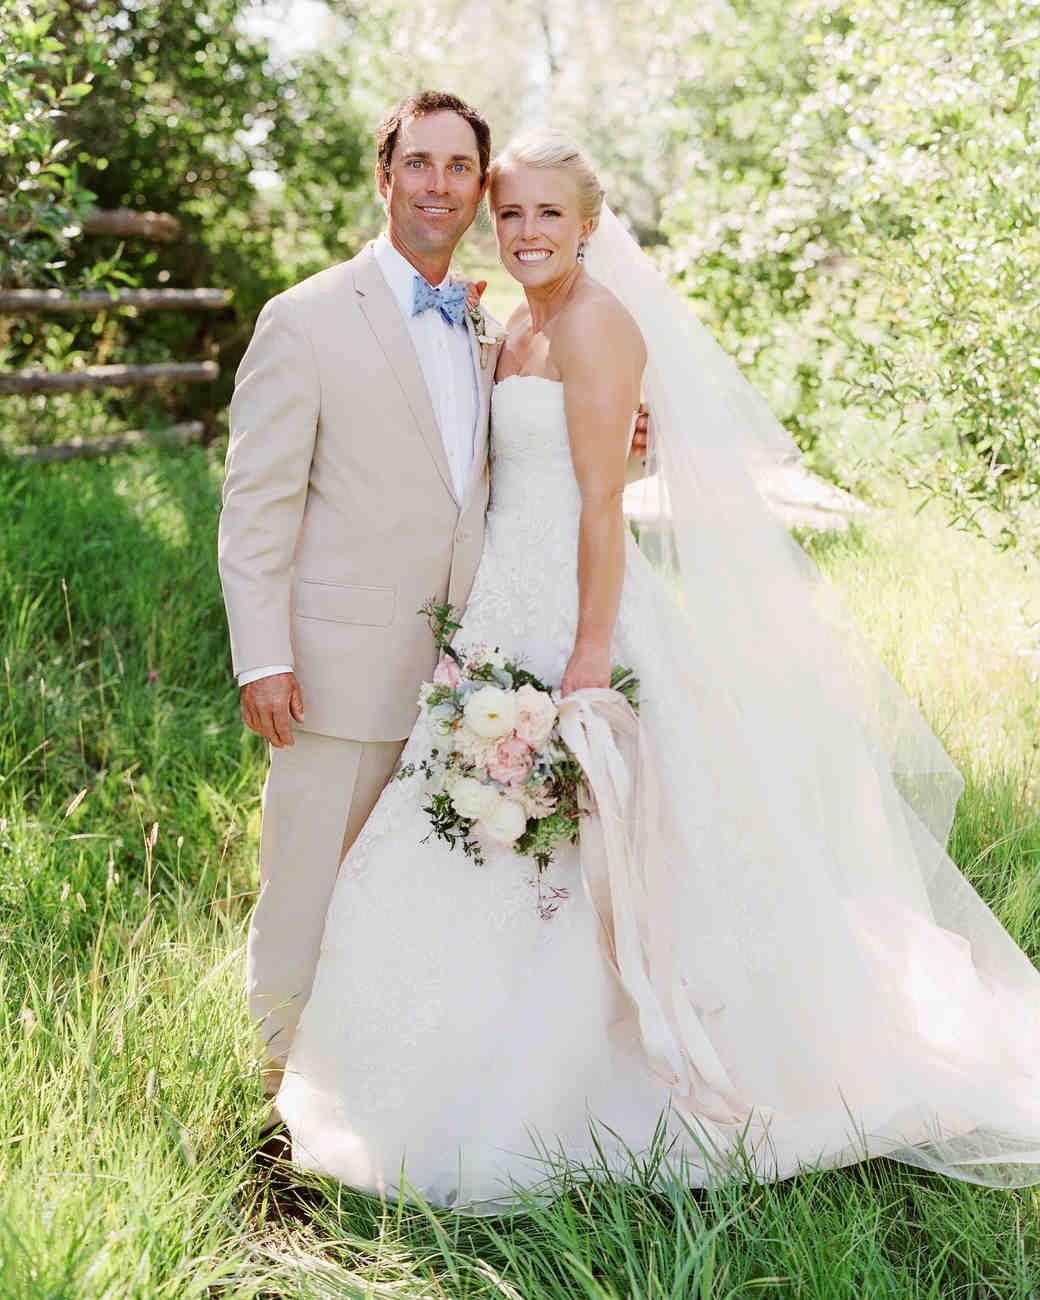 bessie john wedding couple with bouquet